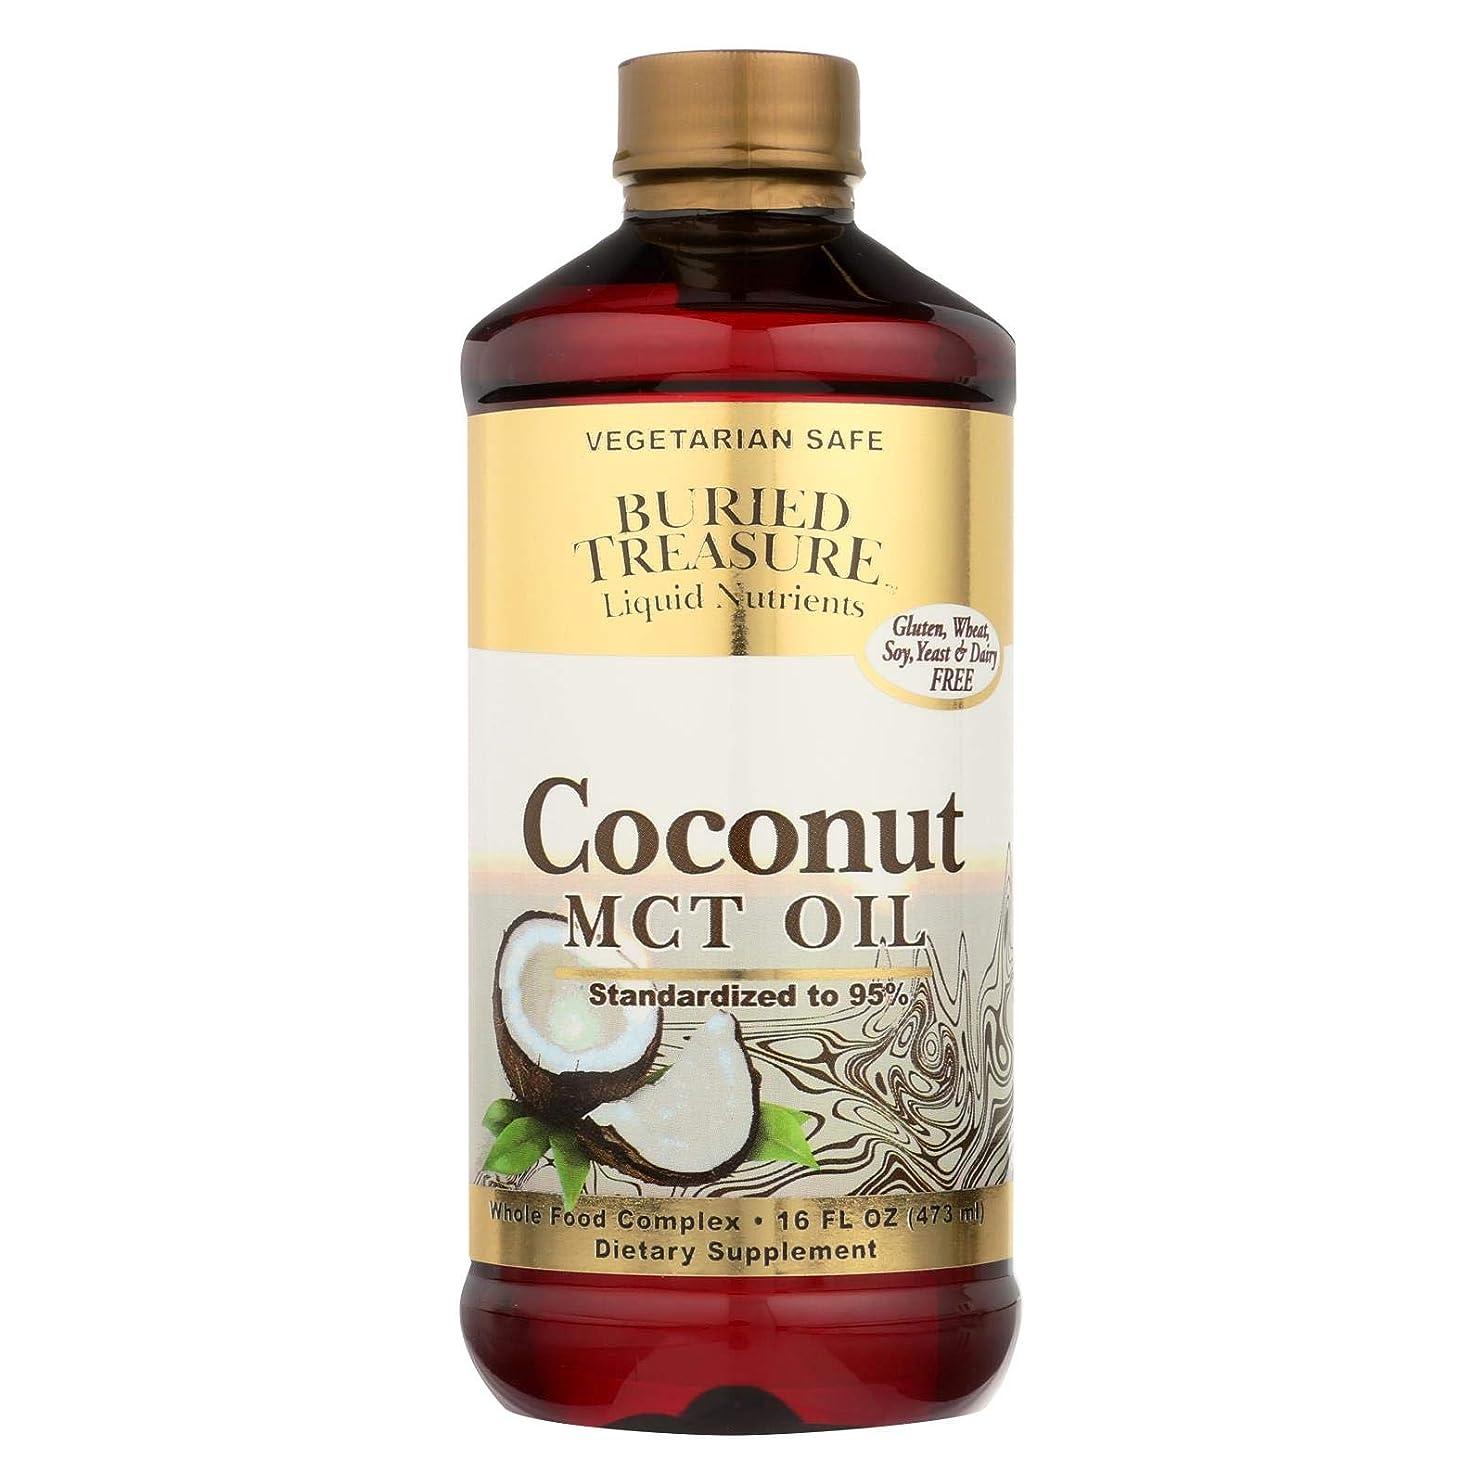 構造苦難急性海外直送品Coconut Oil MCT, 16 oz by Buried Treasure